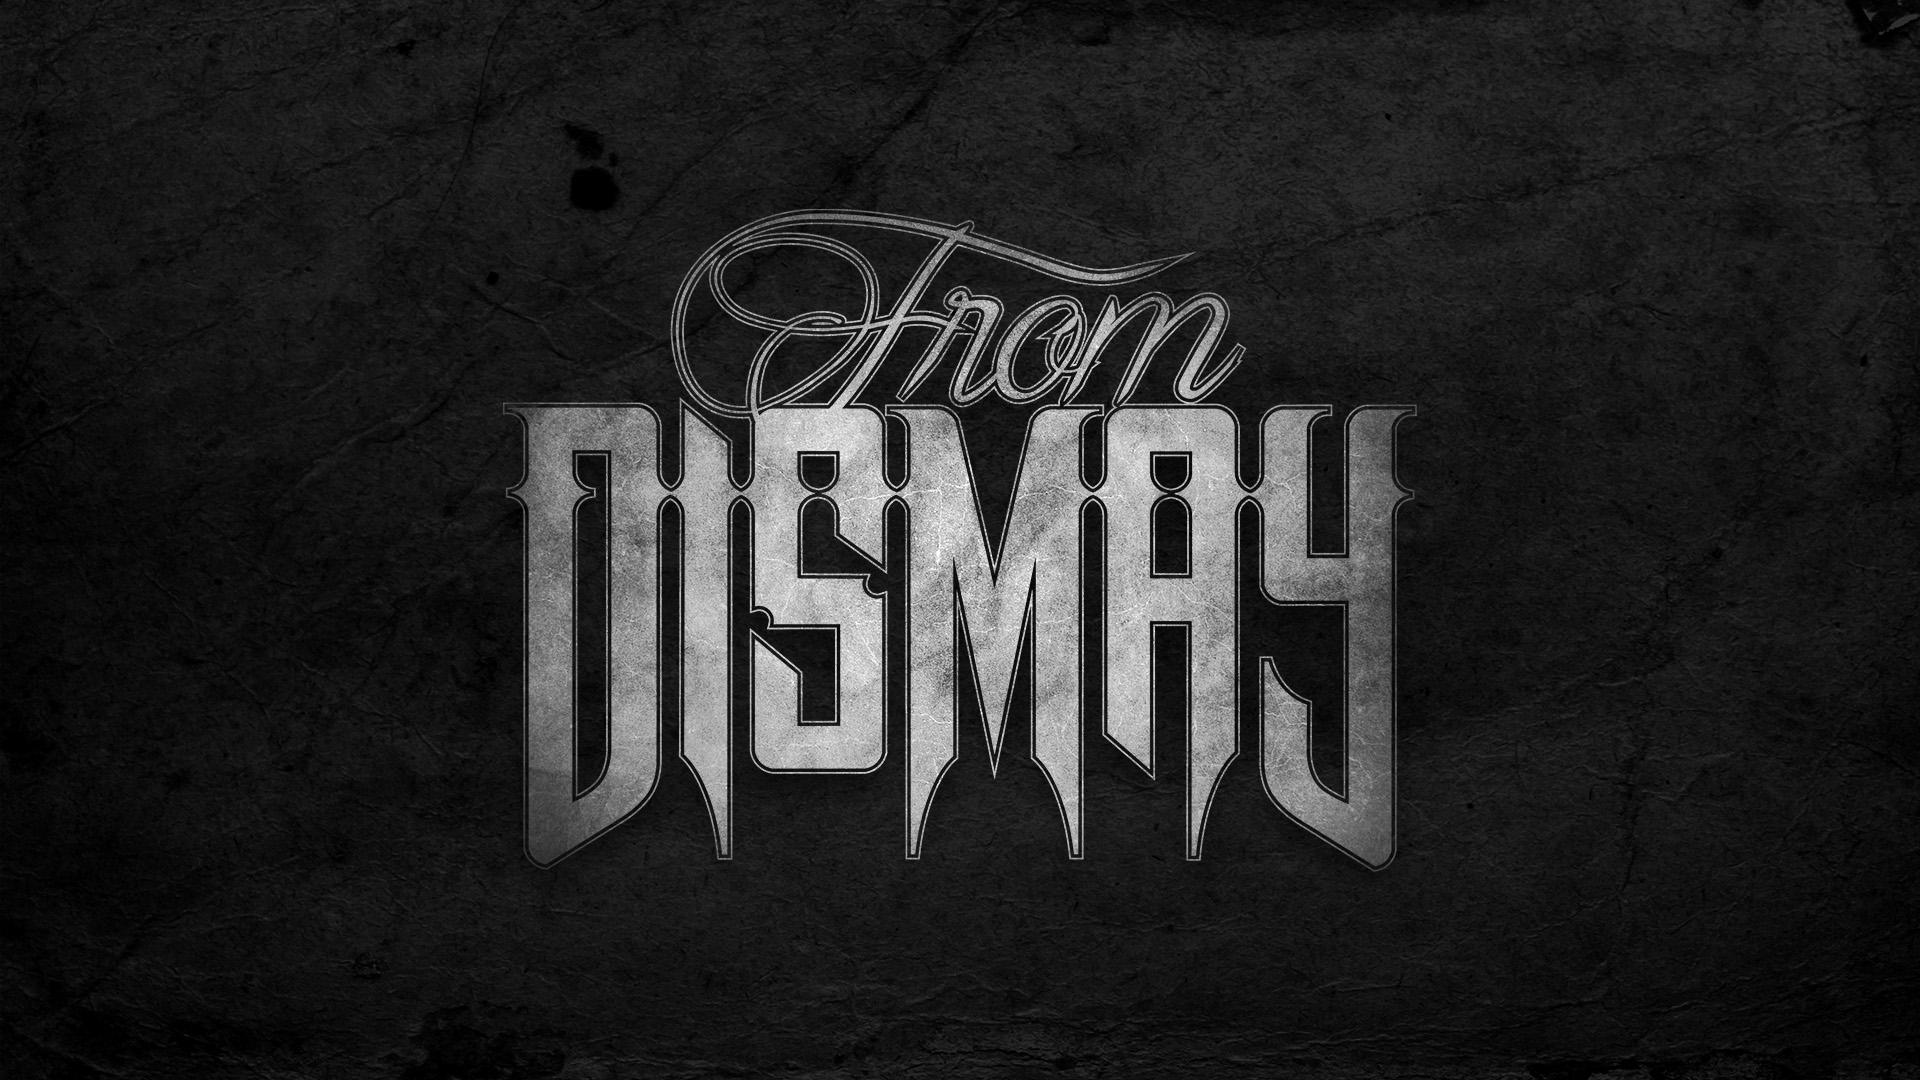 Création logo unique original groupe musique metal deathcore